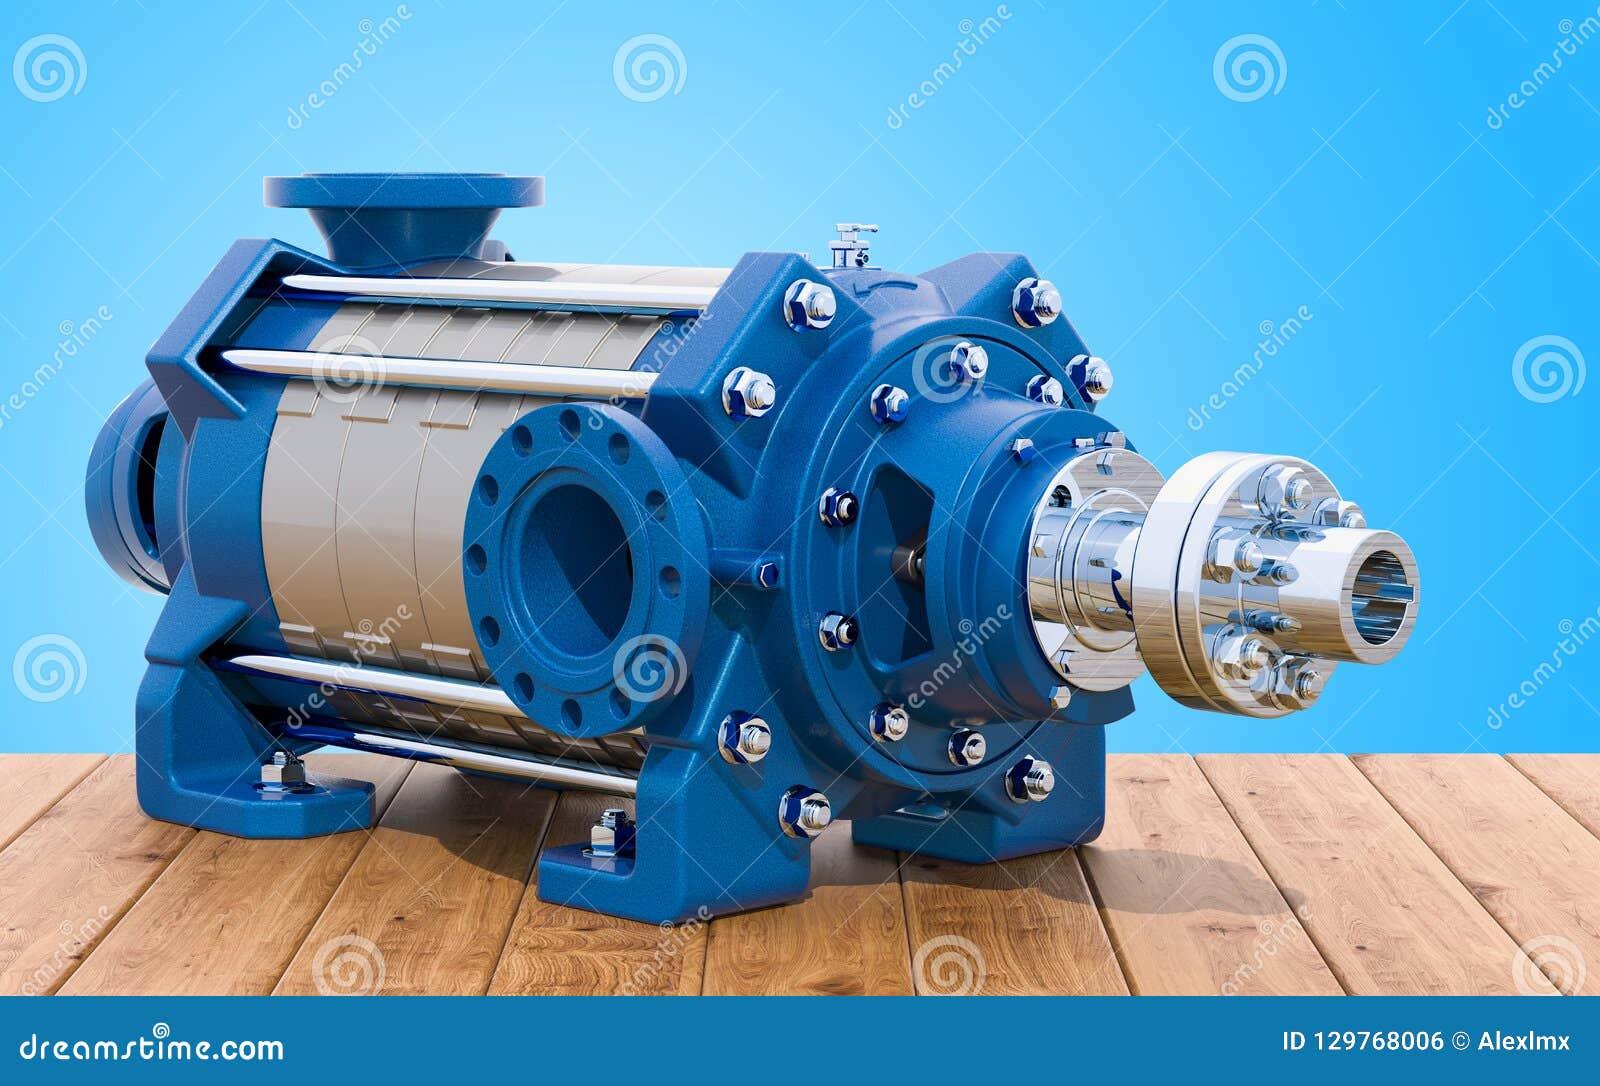 Horisontalmultistage centrifugal pump på trätabellen, 3D r